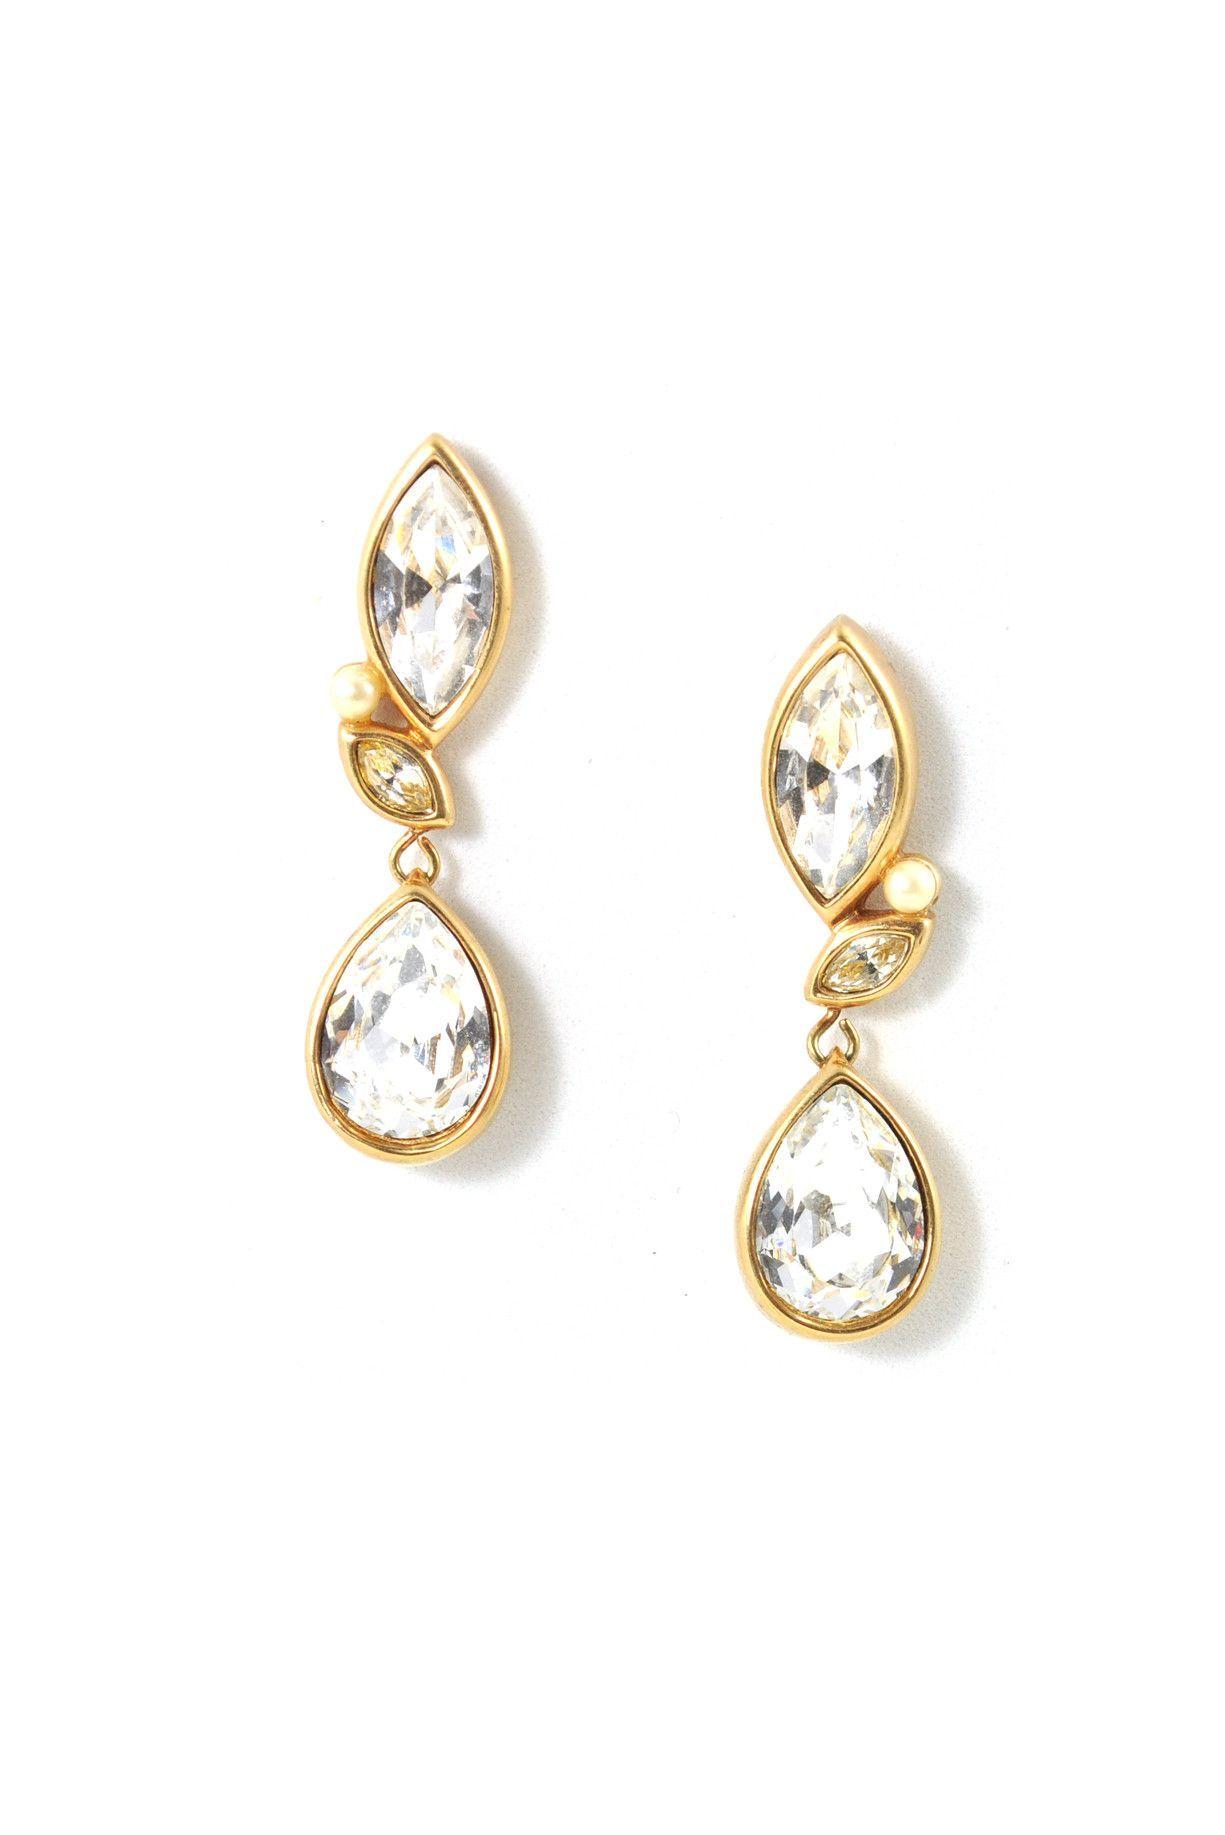 80s__Swarovski__Rhinestone Drop Pierced Earrings